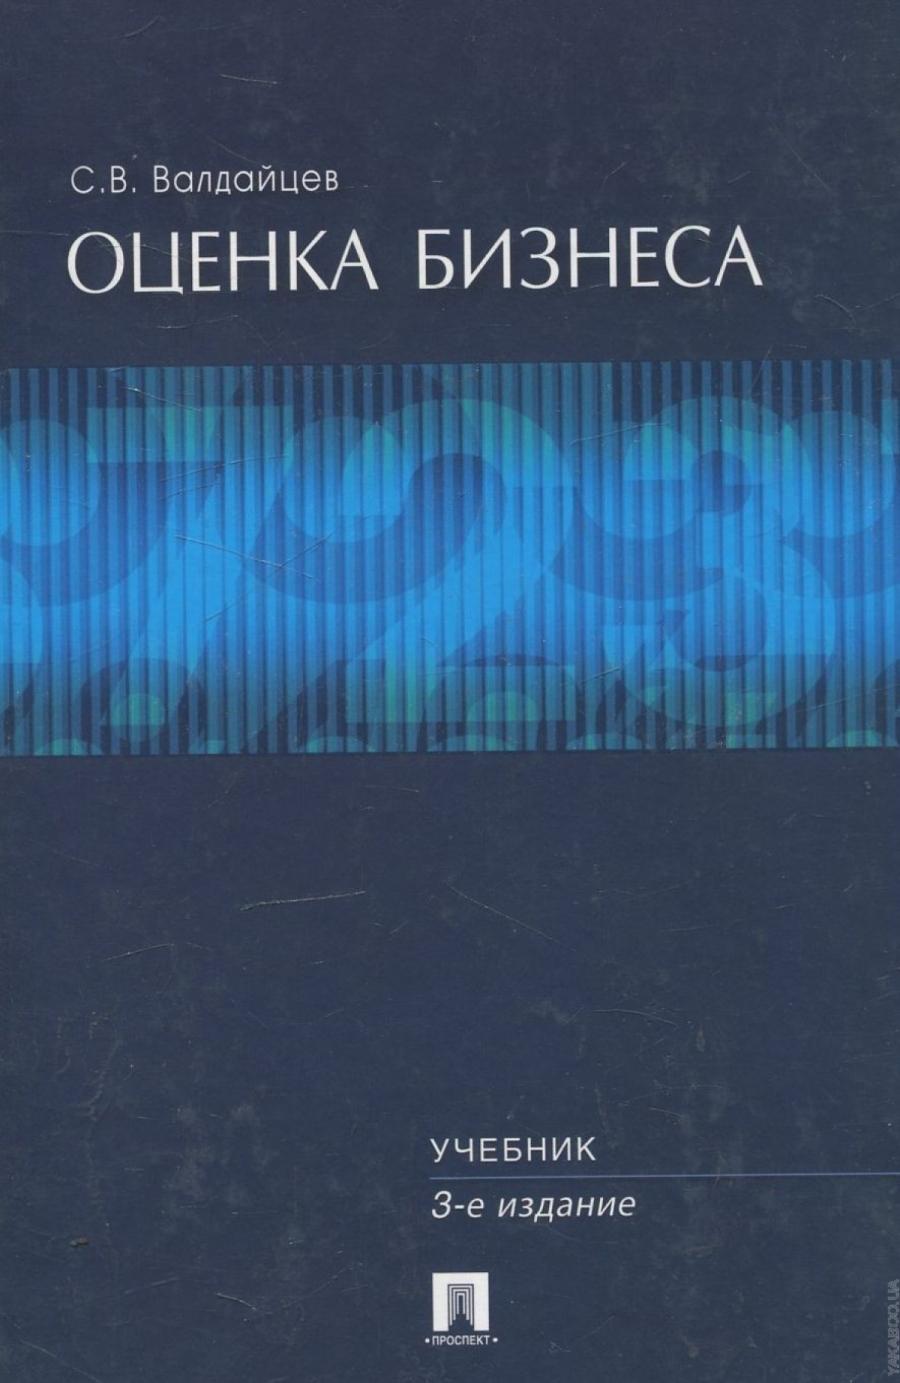 Обложка книги:  валдайцев с.в. - оценка бизнеса